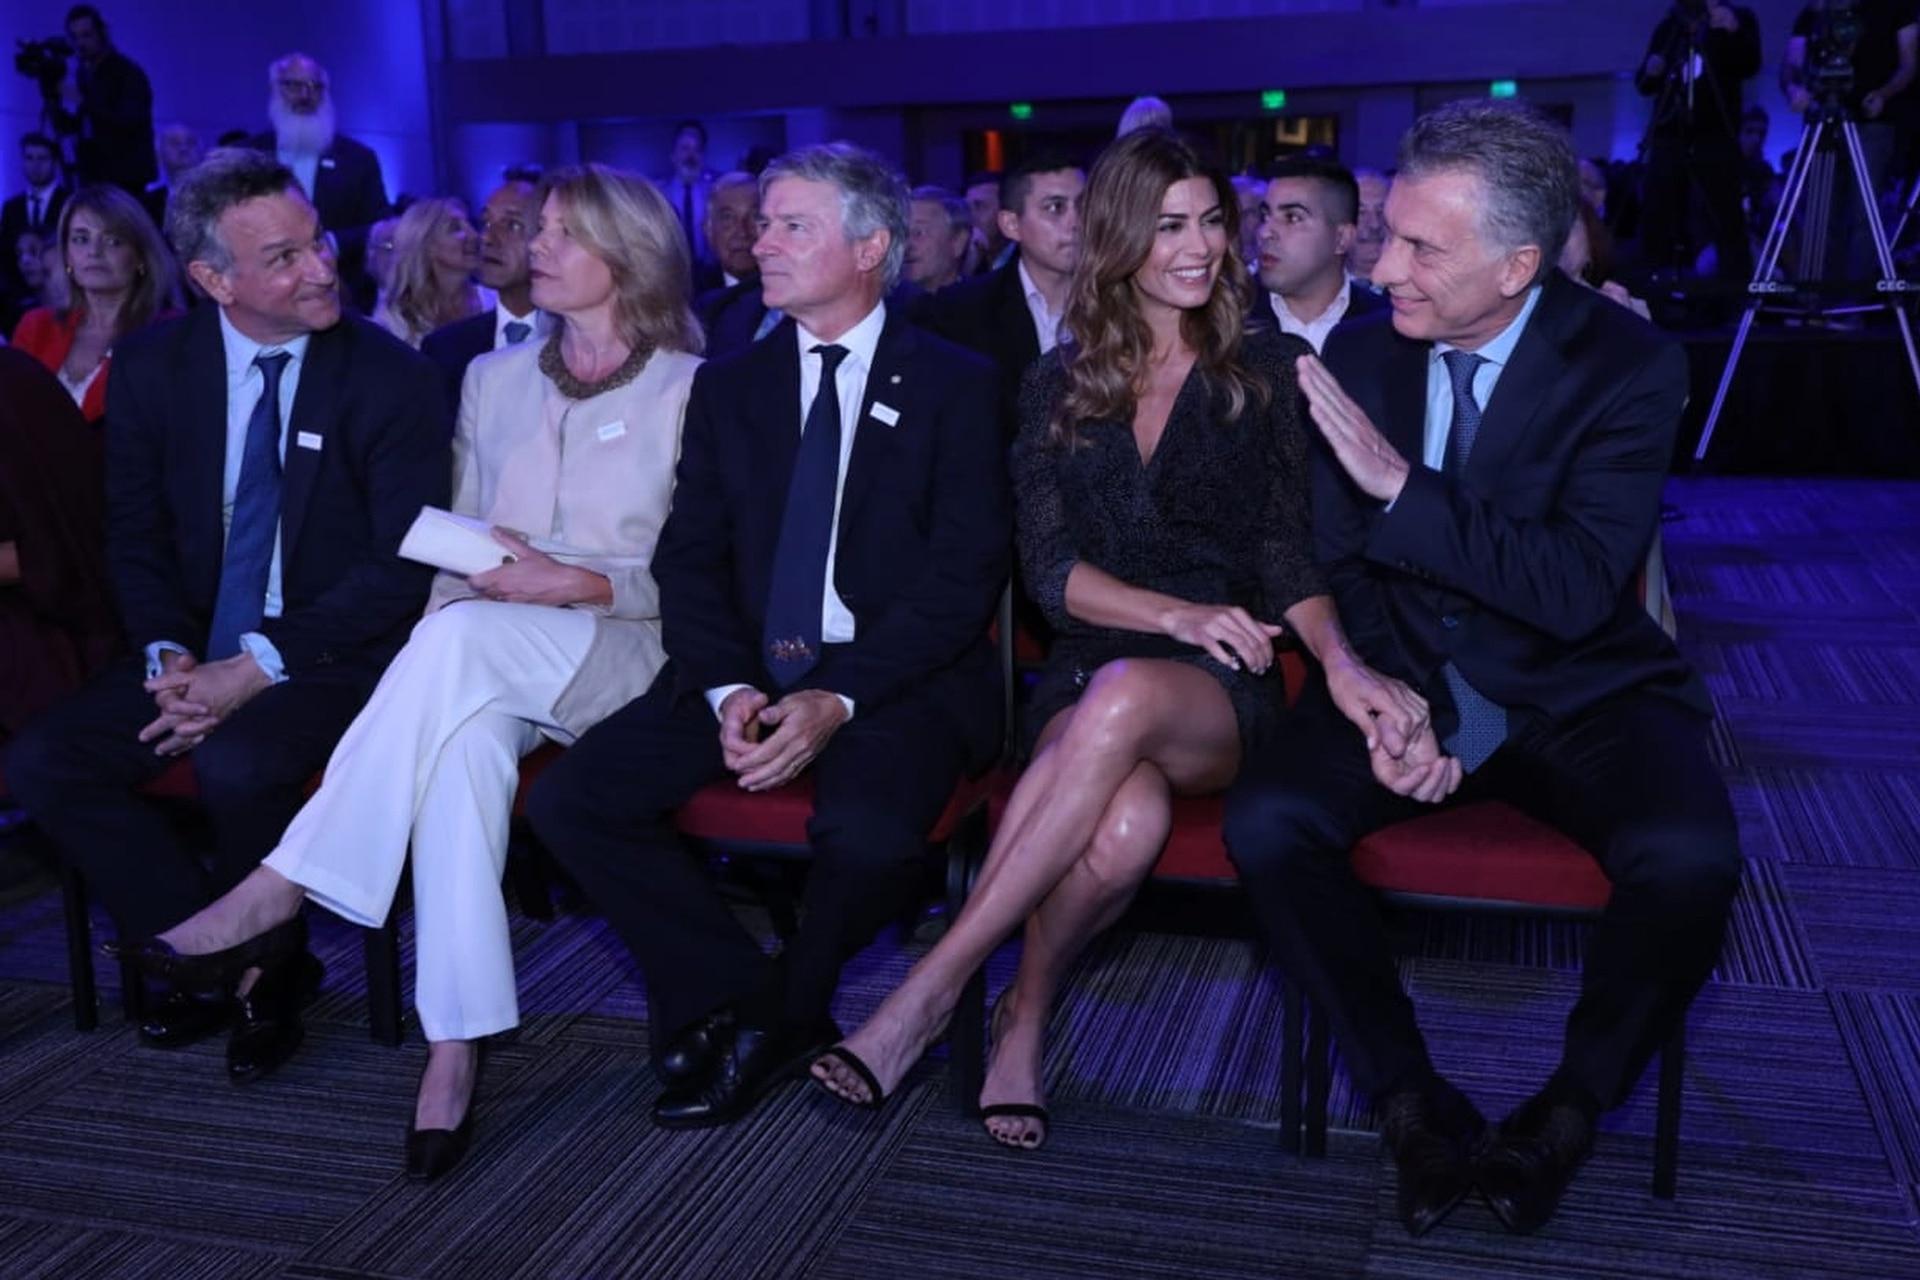 El presidente Mauricio Macri y su esposa, Juliana Awada, con Fernán y Julio Saguier